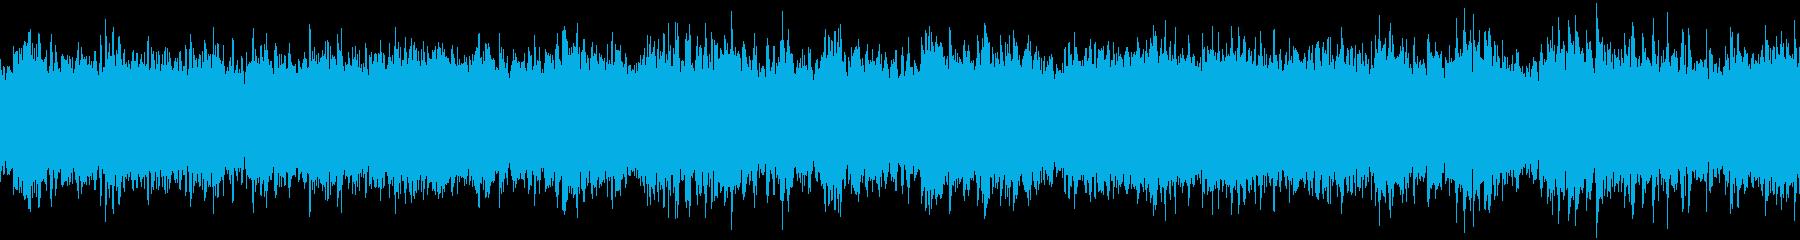 おだやかキラキラ/静かめ/ループの再生済みの波形